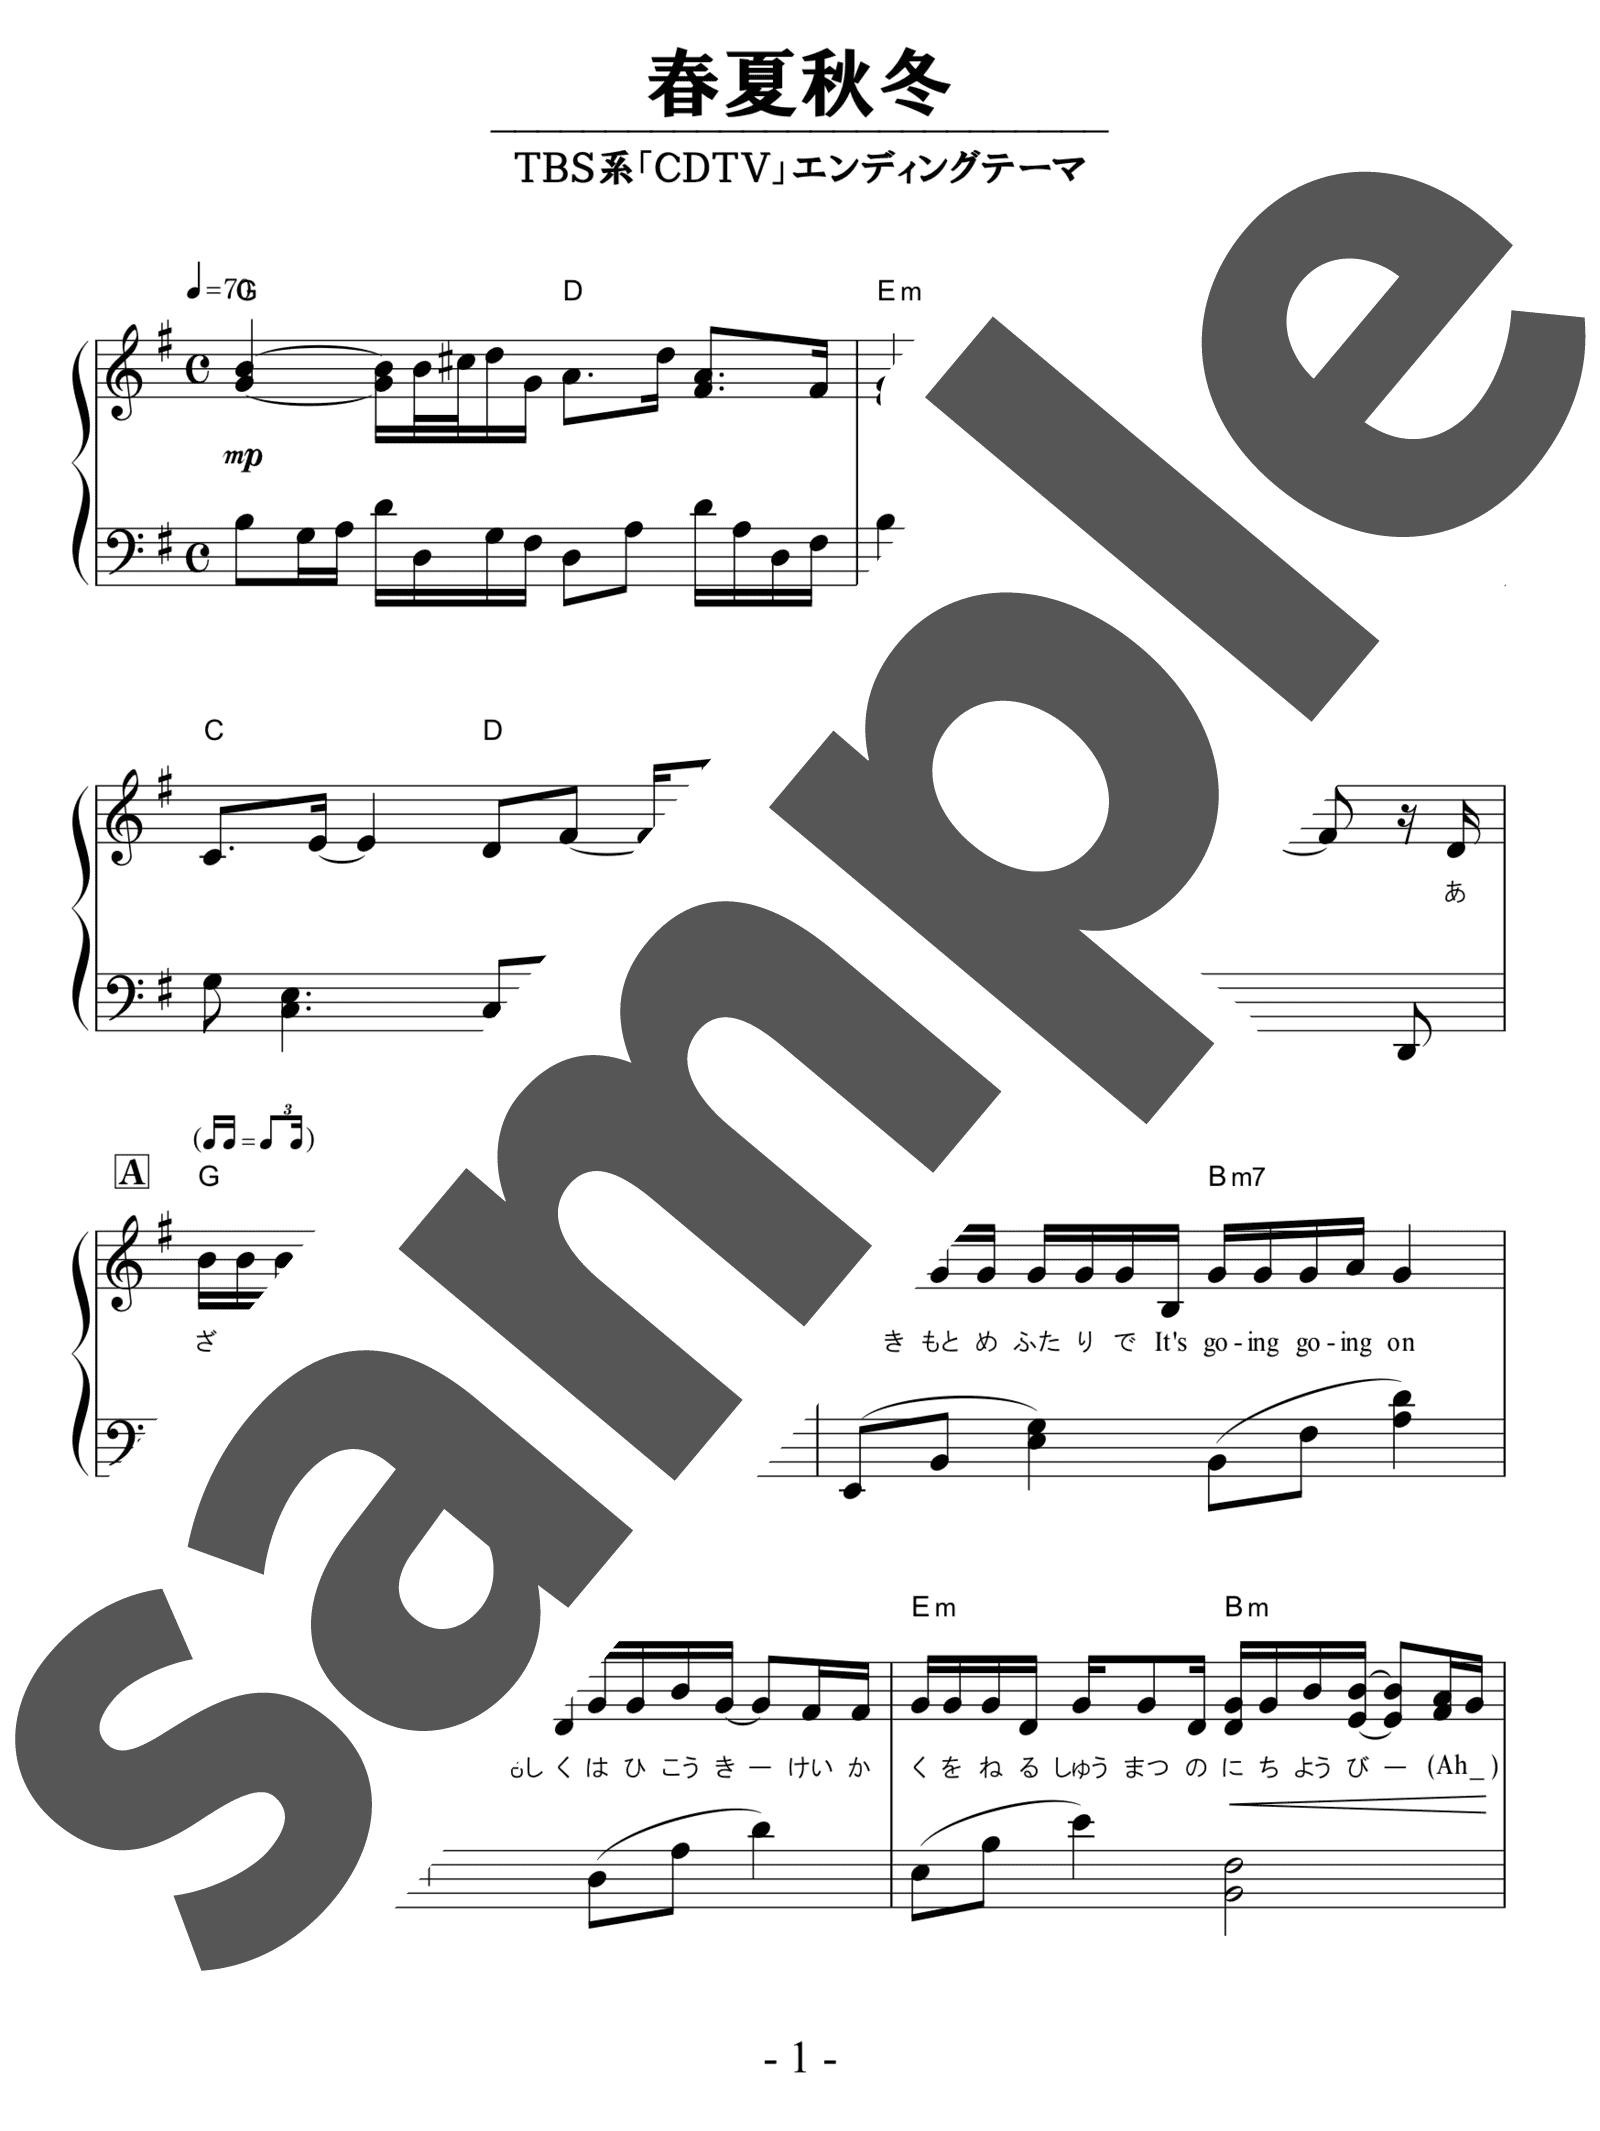 「春夏秋冬」のサンプル楽譜